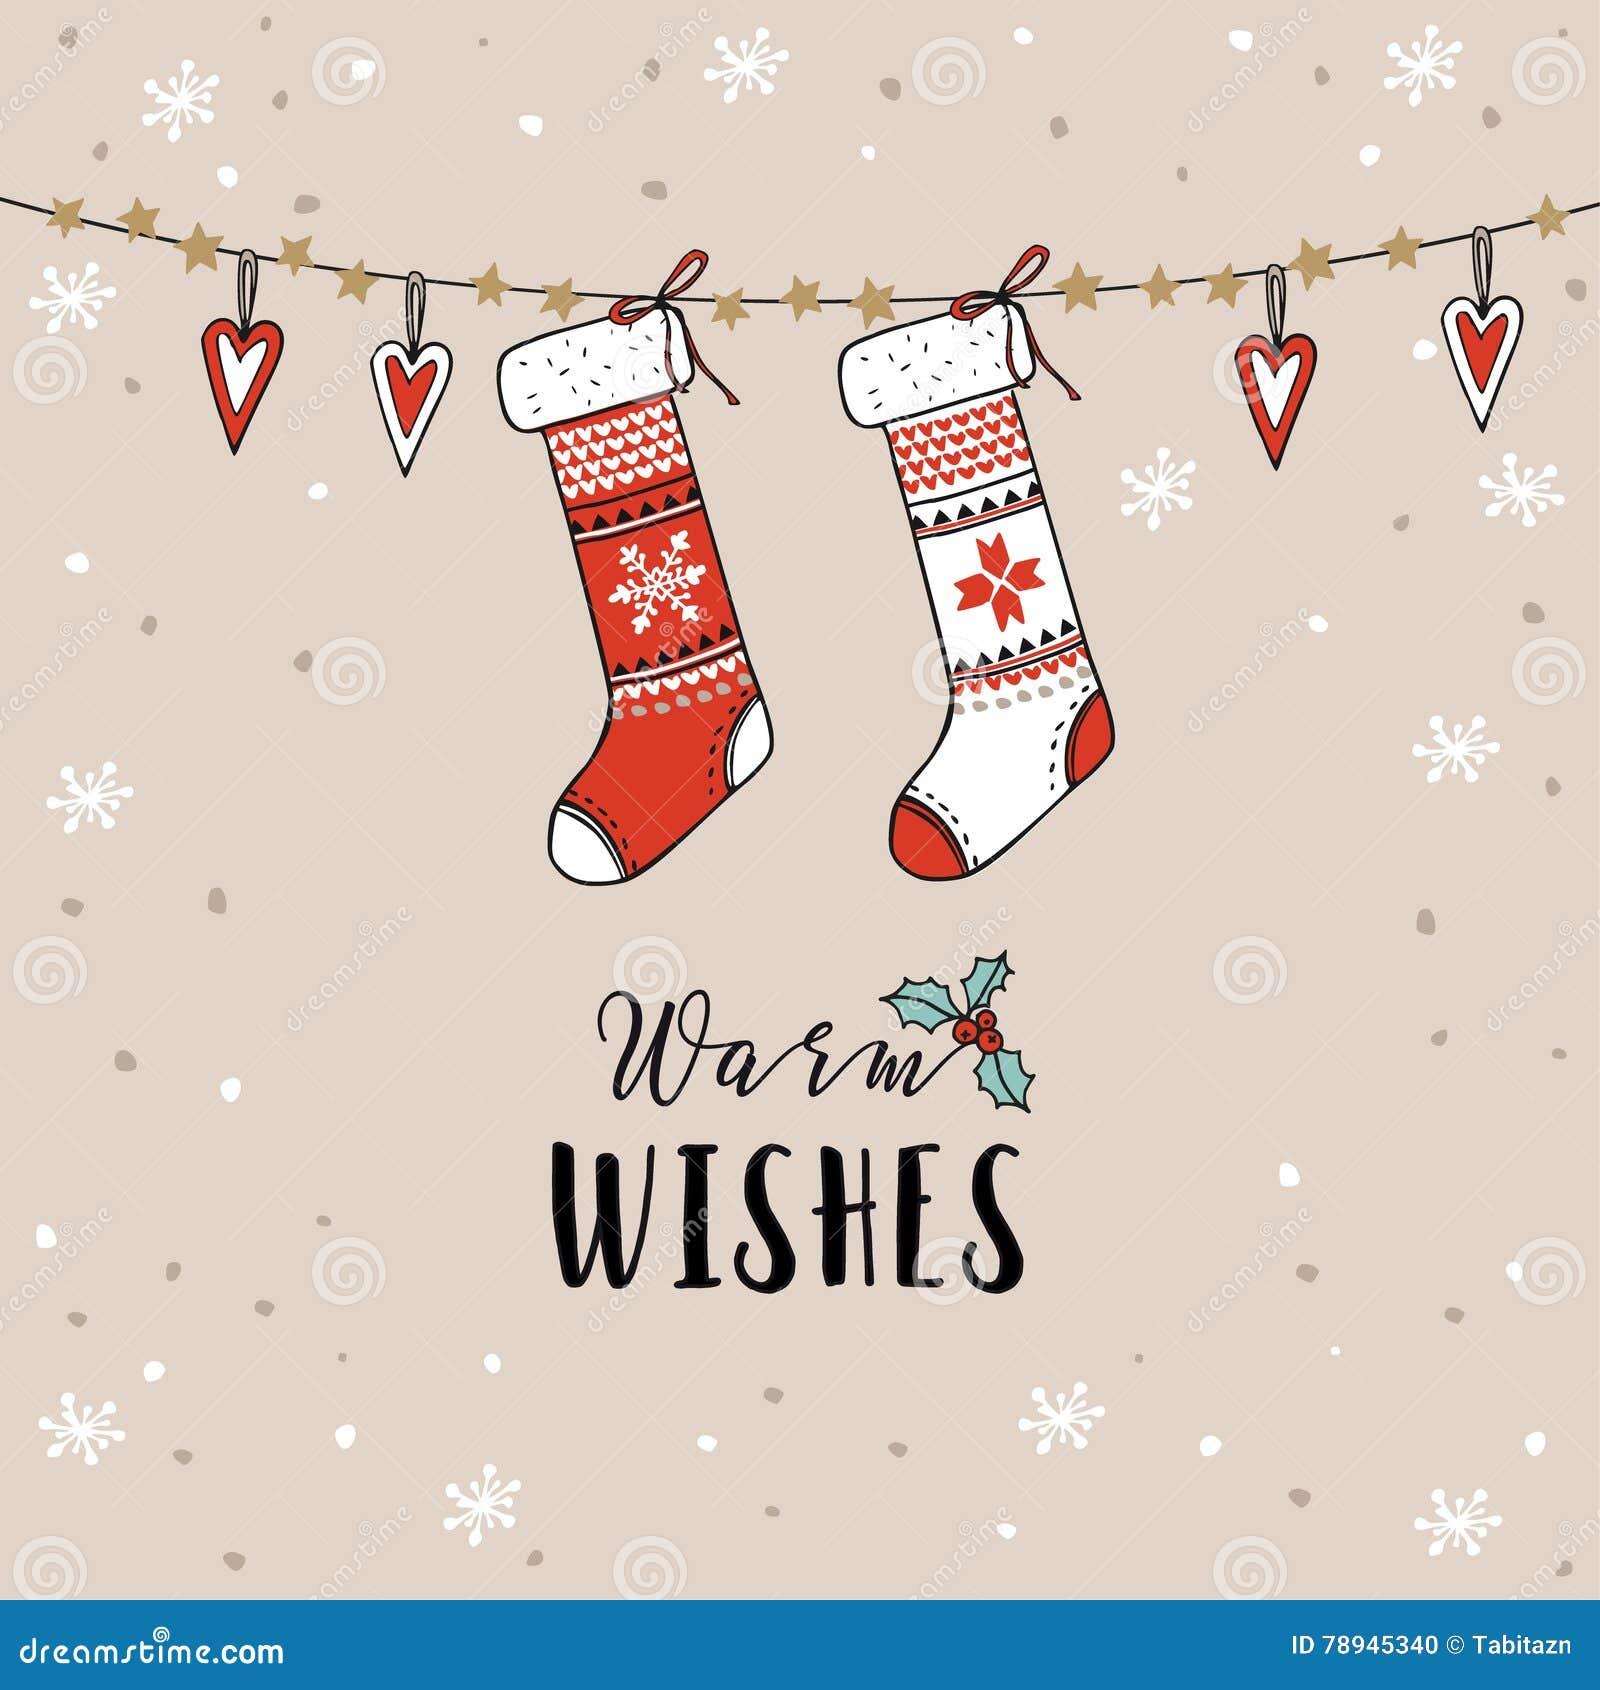 葡萄酒圣诞节,新年贺卡,邀请 传统装饰,垂悬的被编织的袜子,长袜,心脏,雪